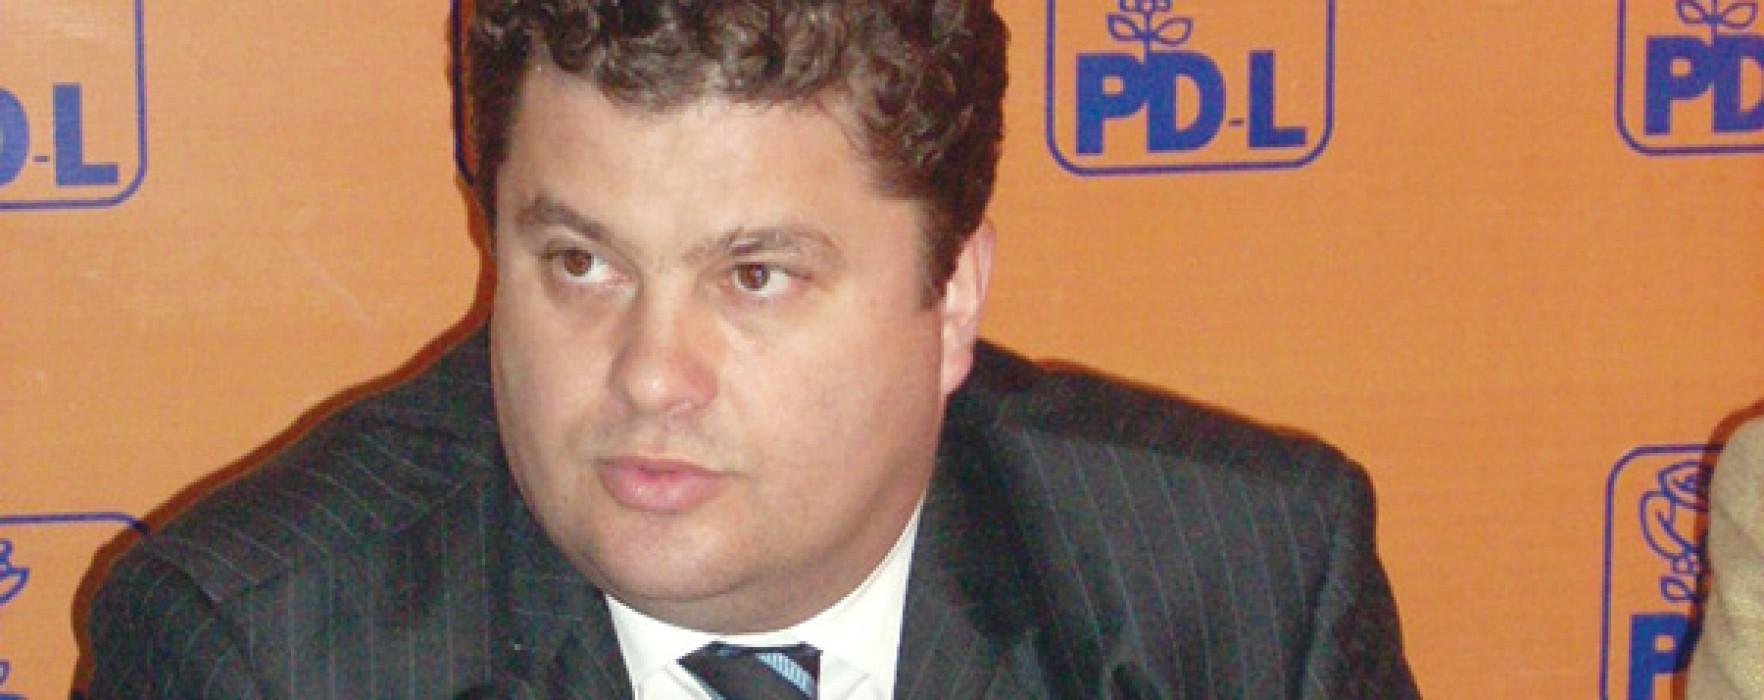 UPDATE Florin Popescu: Excluderea mea din PDL este profund nedreaptă